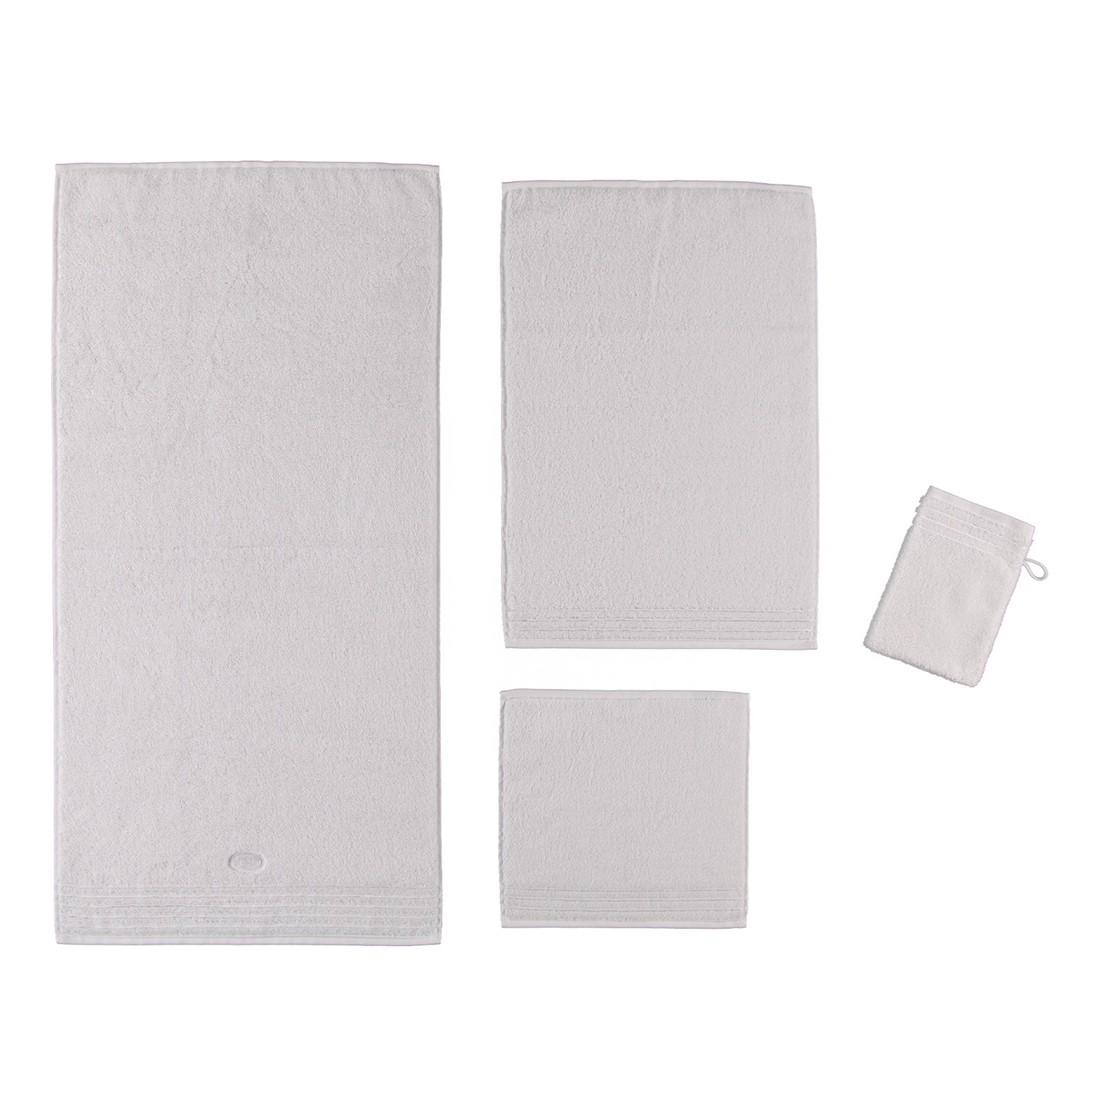 Handtuch Dreams – 100% Baumwolle Weiß – 030 – Waschhandschuh: 16 x 22 cm, Vossen günstig